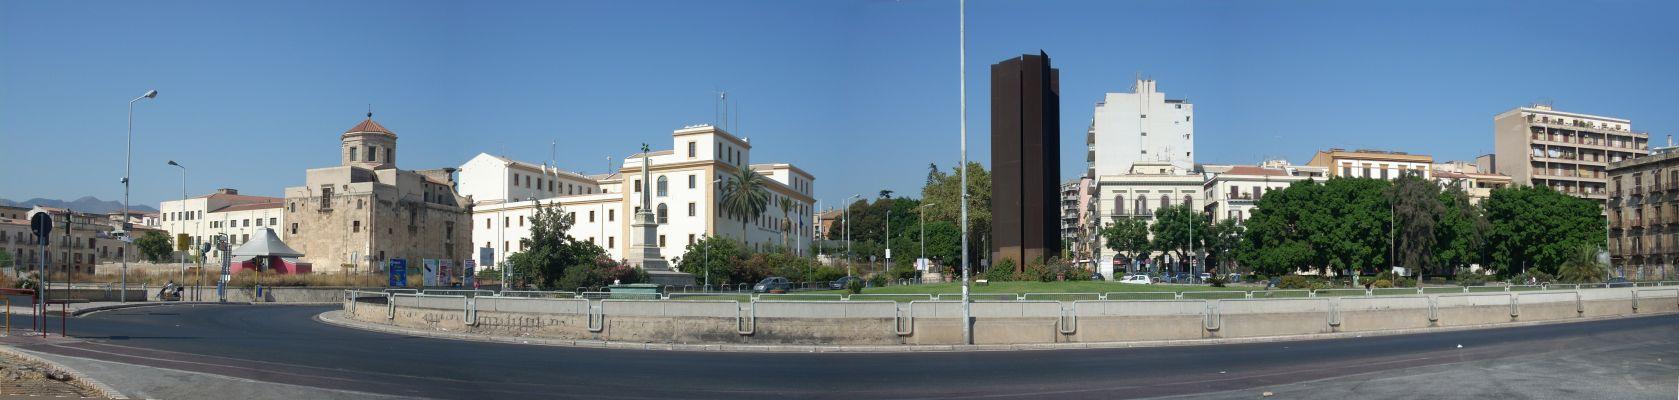 palermo castello a mare piazza xiii vittime monumento